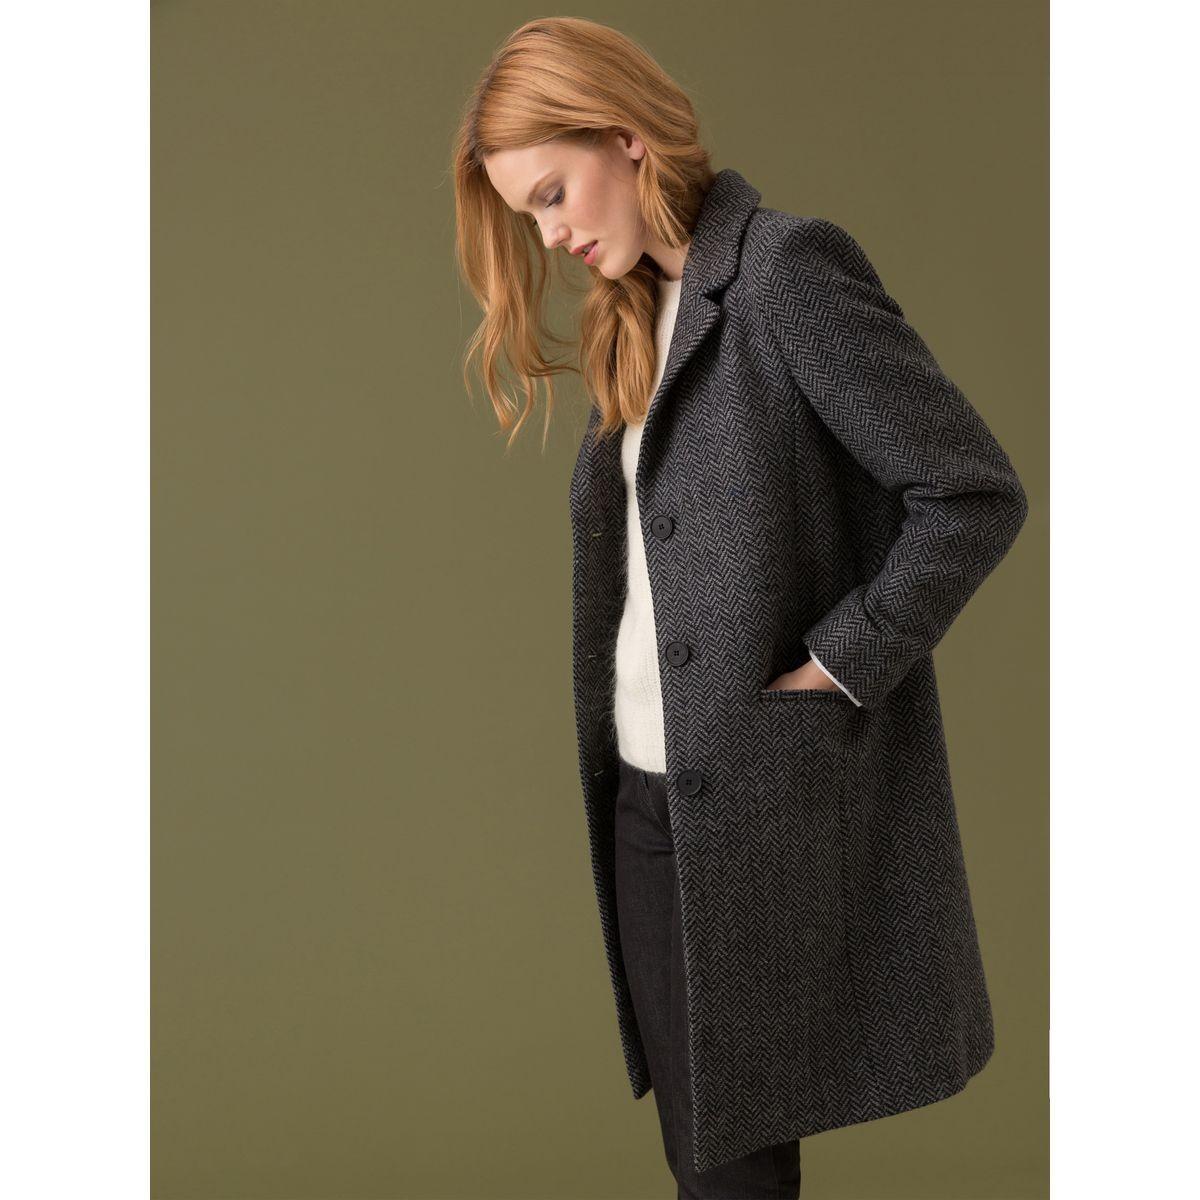 Manteau pour femme la redoute